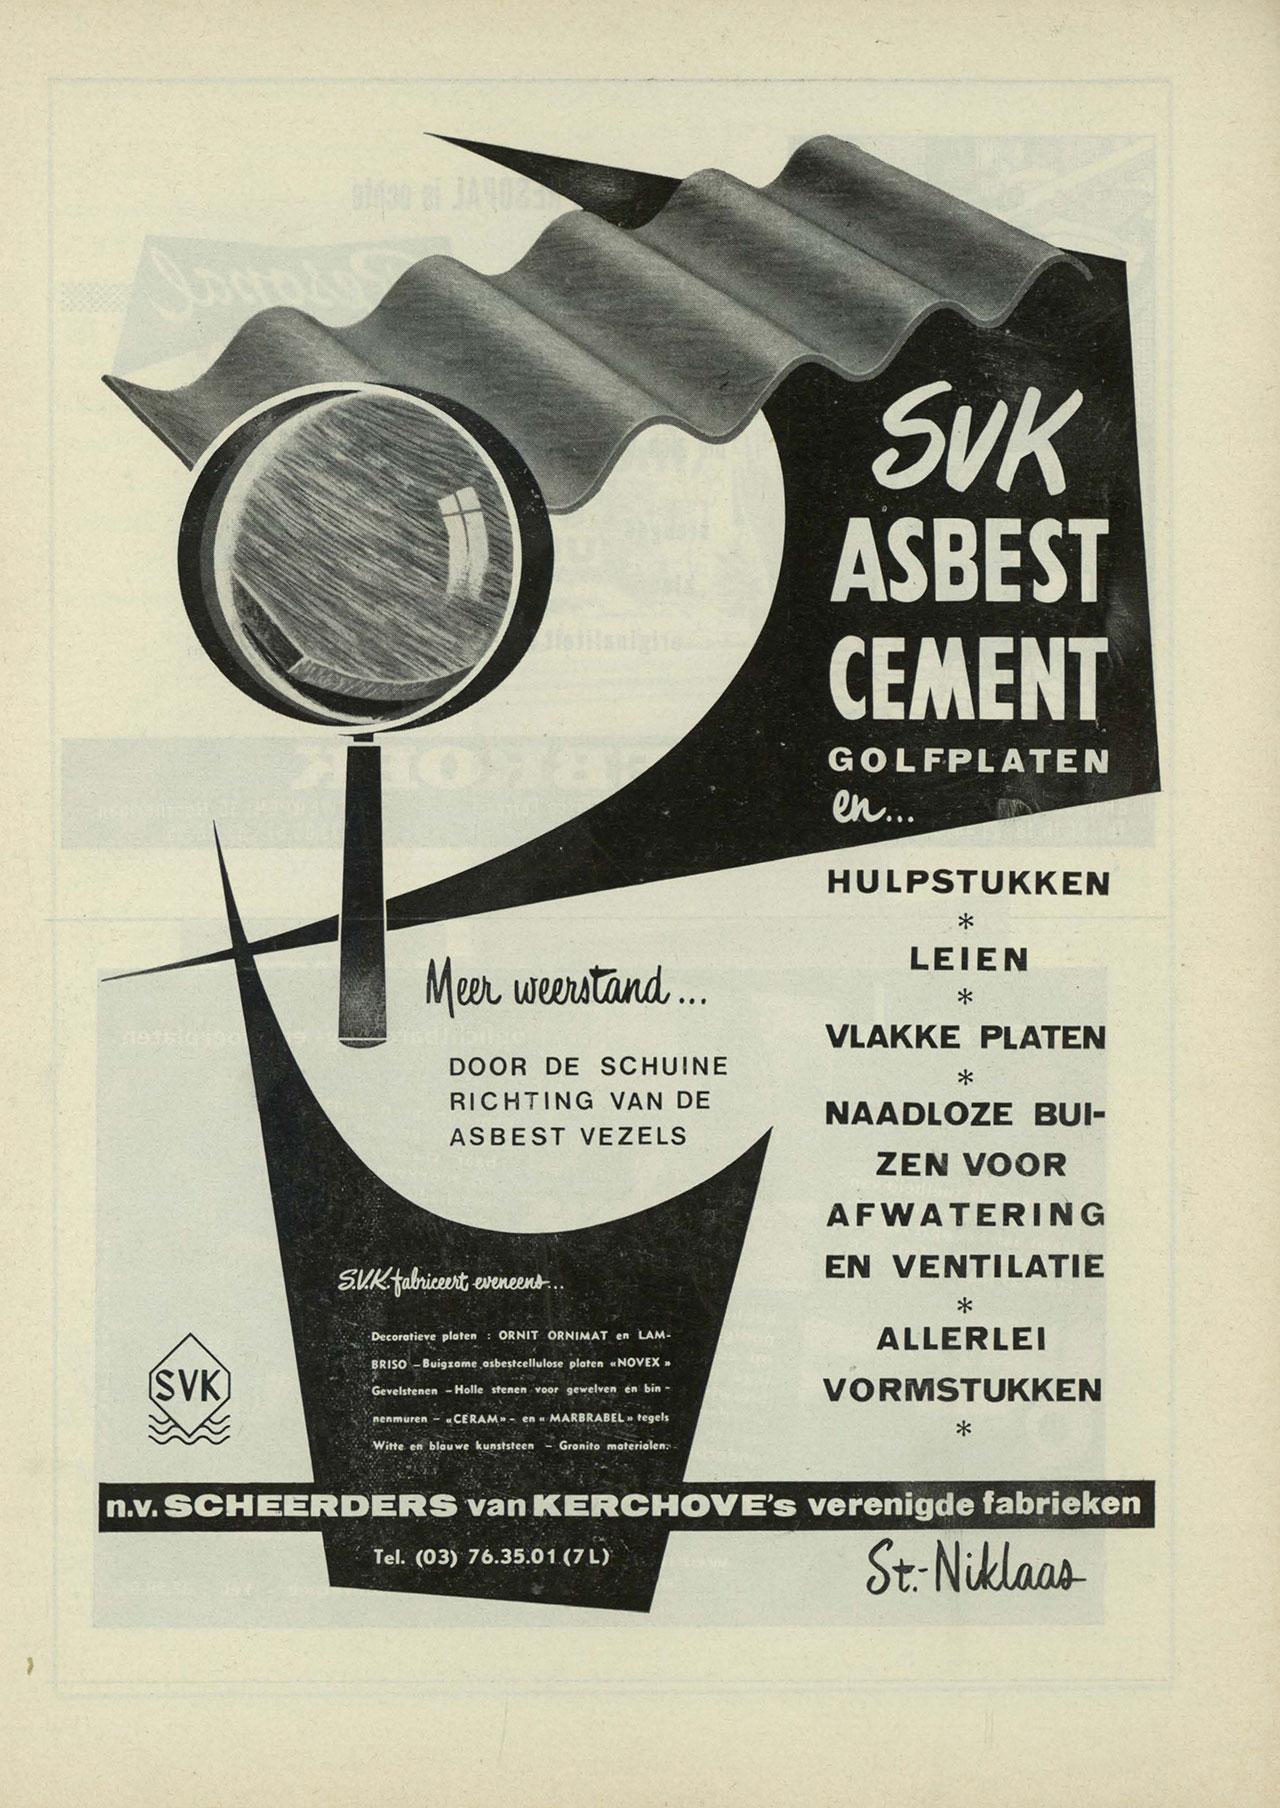 Asbest Cement Golfplaten